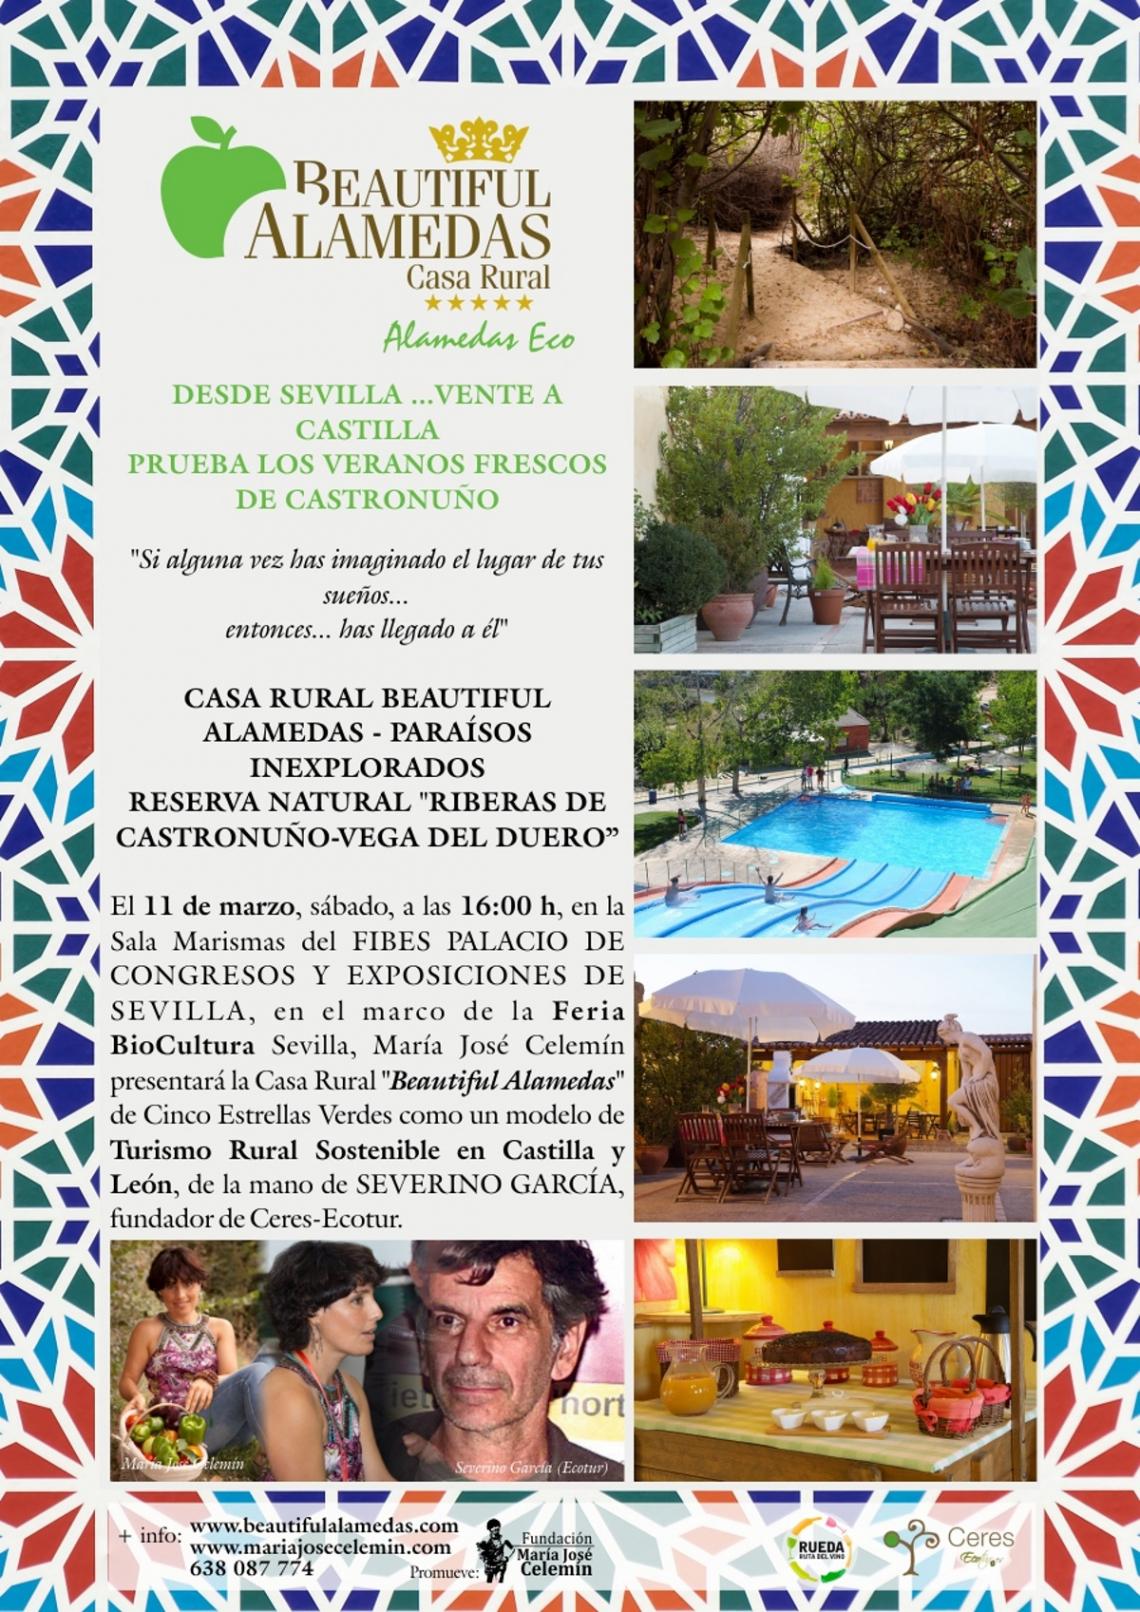 Casas rurales ecológicas y sostenibles Valladolid, Castilla y León, turismo responsable